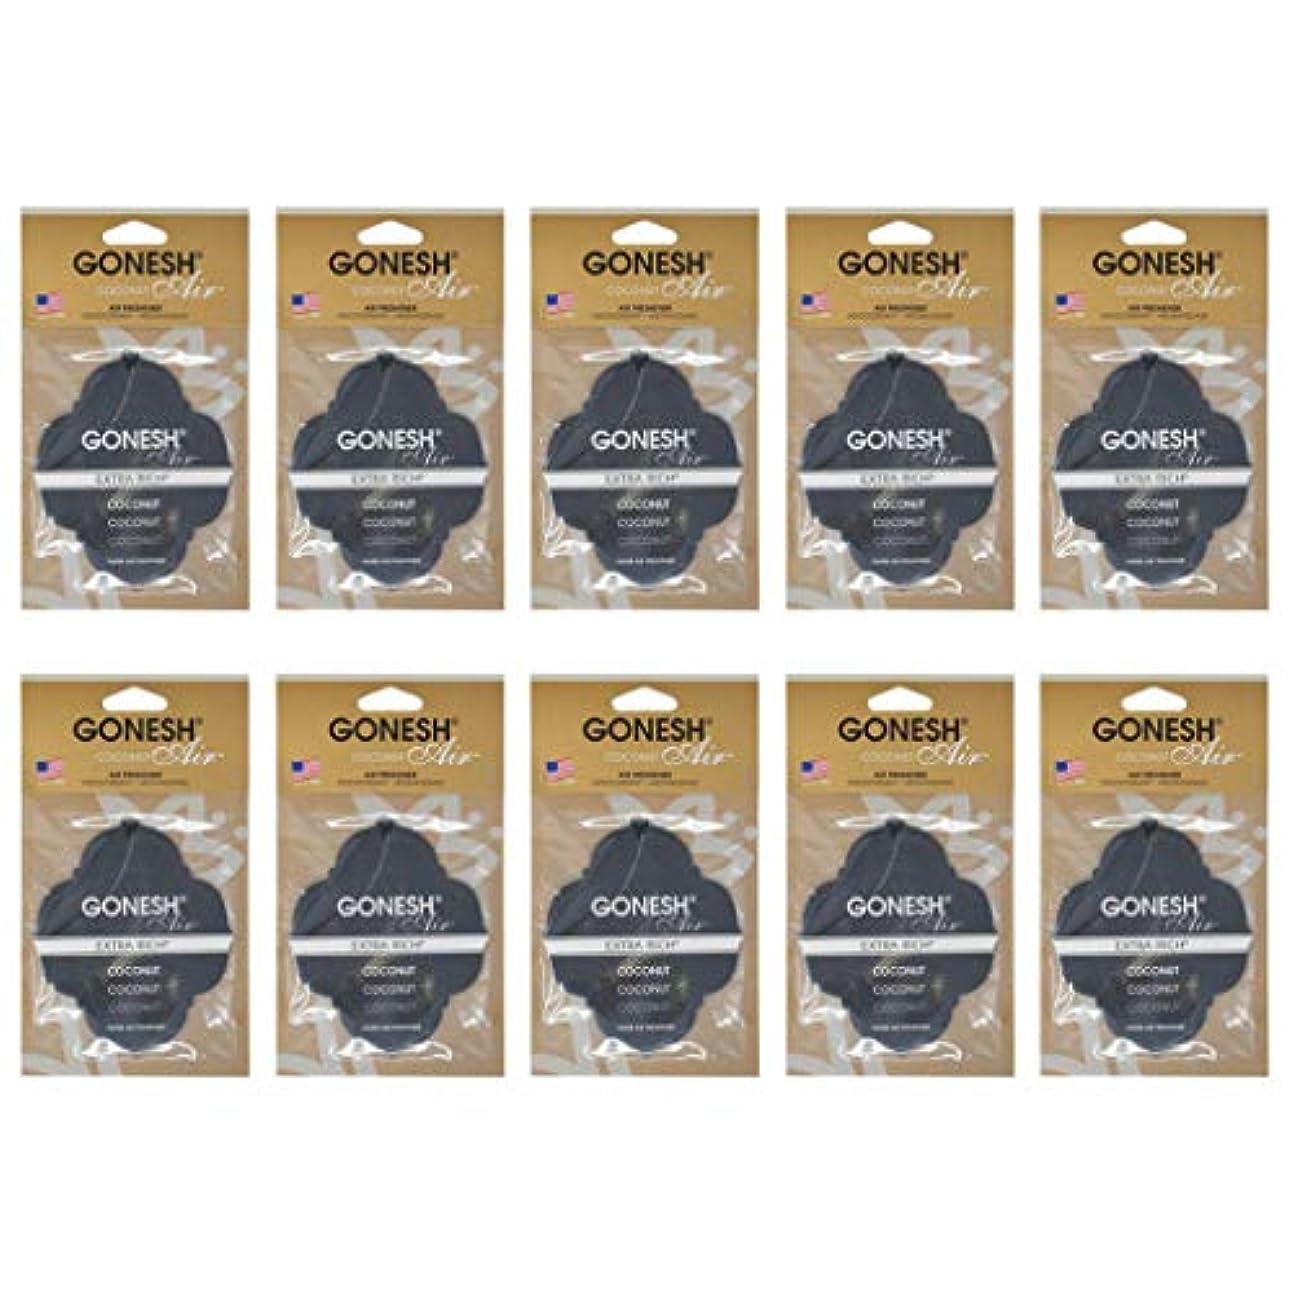 唯物論スタウト食用GONESH ペーパーエアフレッシュナー ココナッツ 10個セット